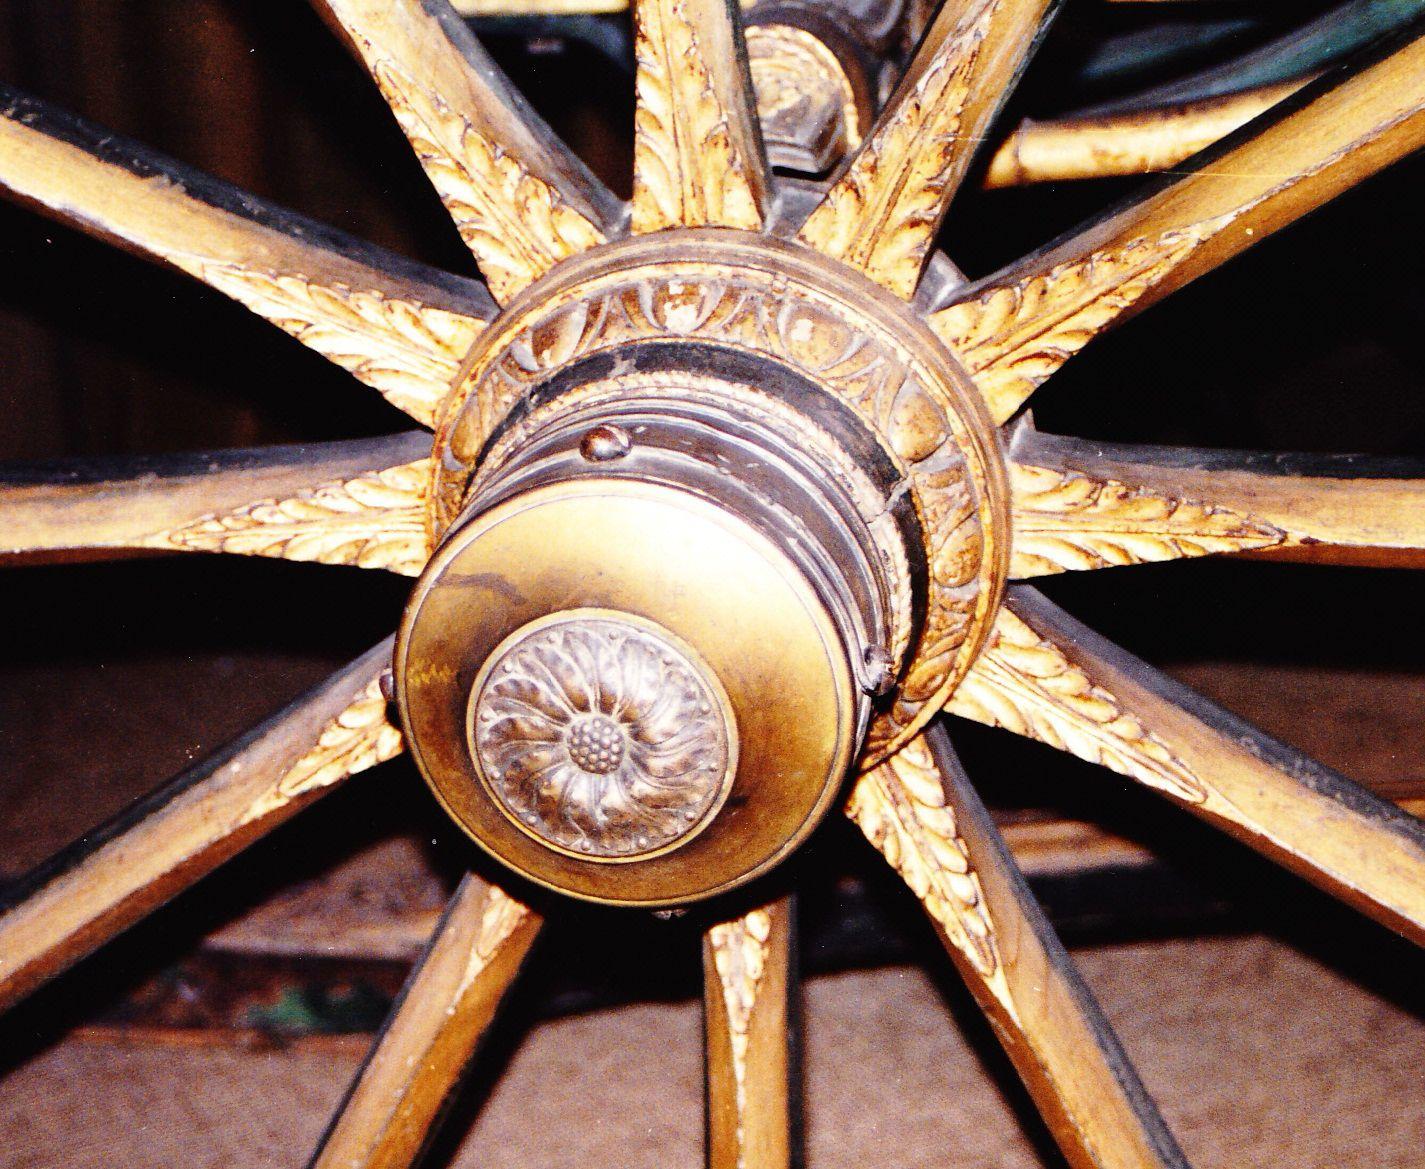 Moyeux de roues à décor sculpté d'oves et de rais de cœur et à frette bouchée par un chapeau en bronze argenté et doré (photo J.L. Libourel)